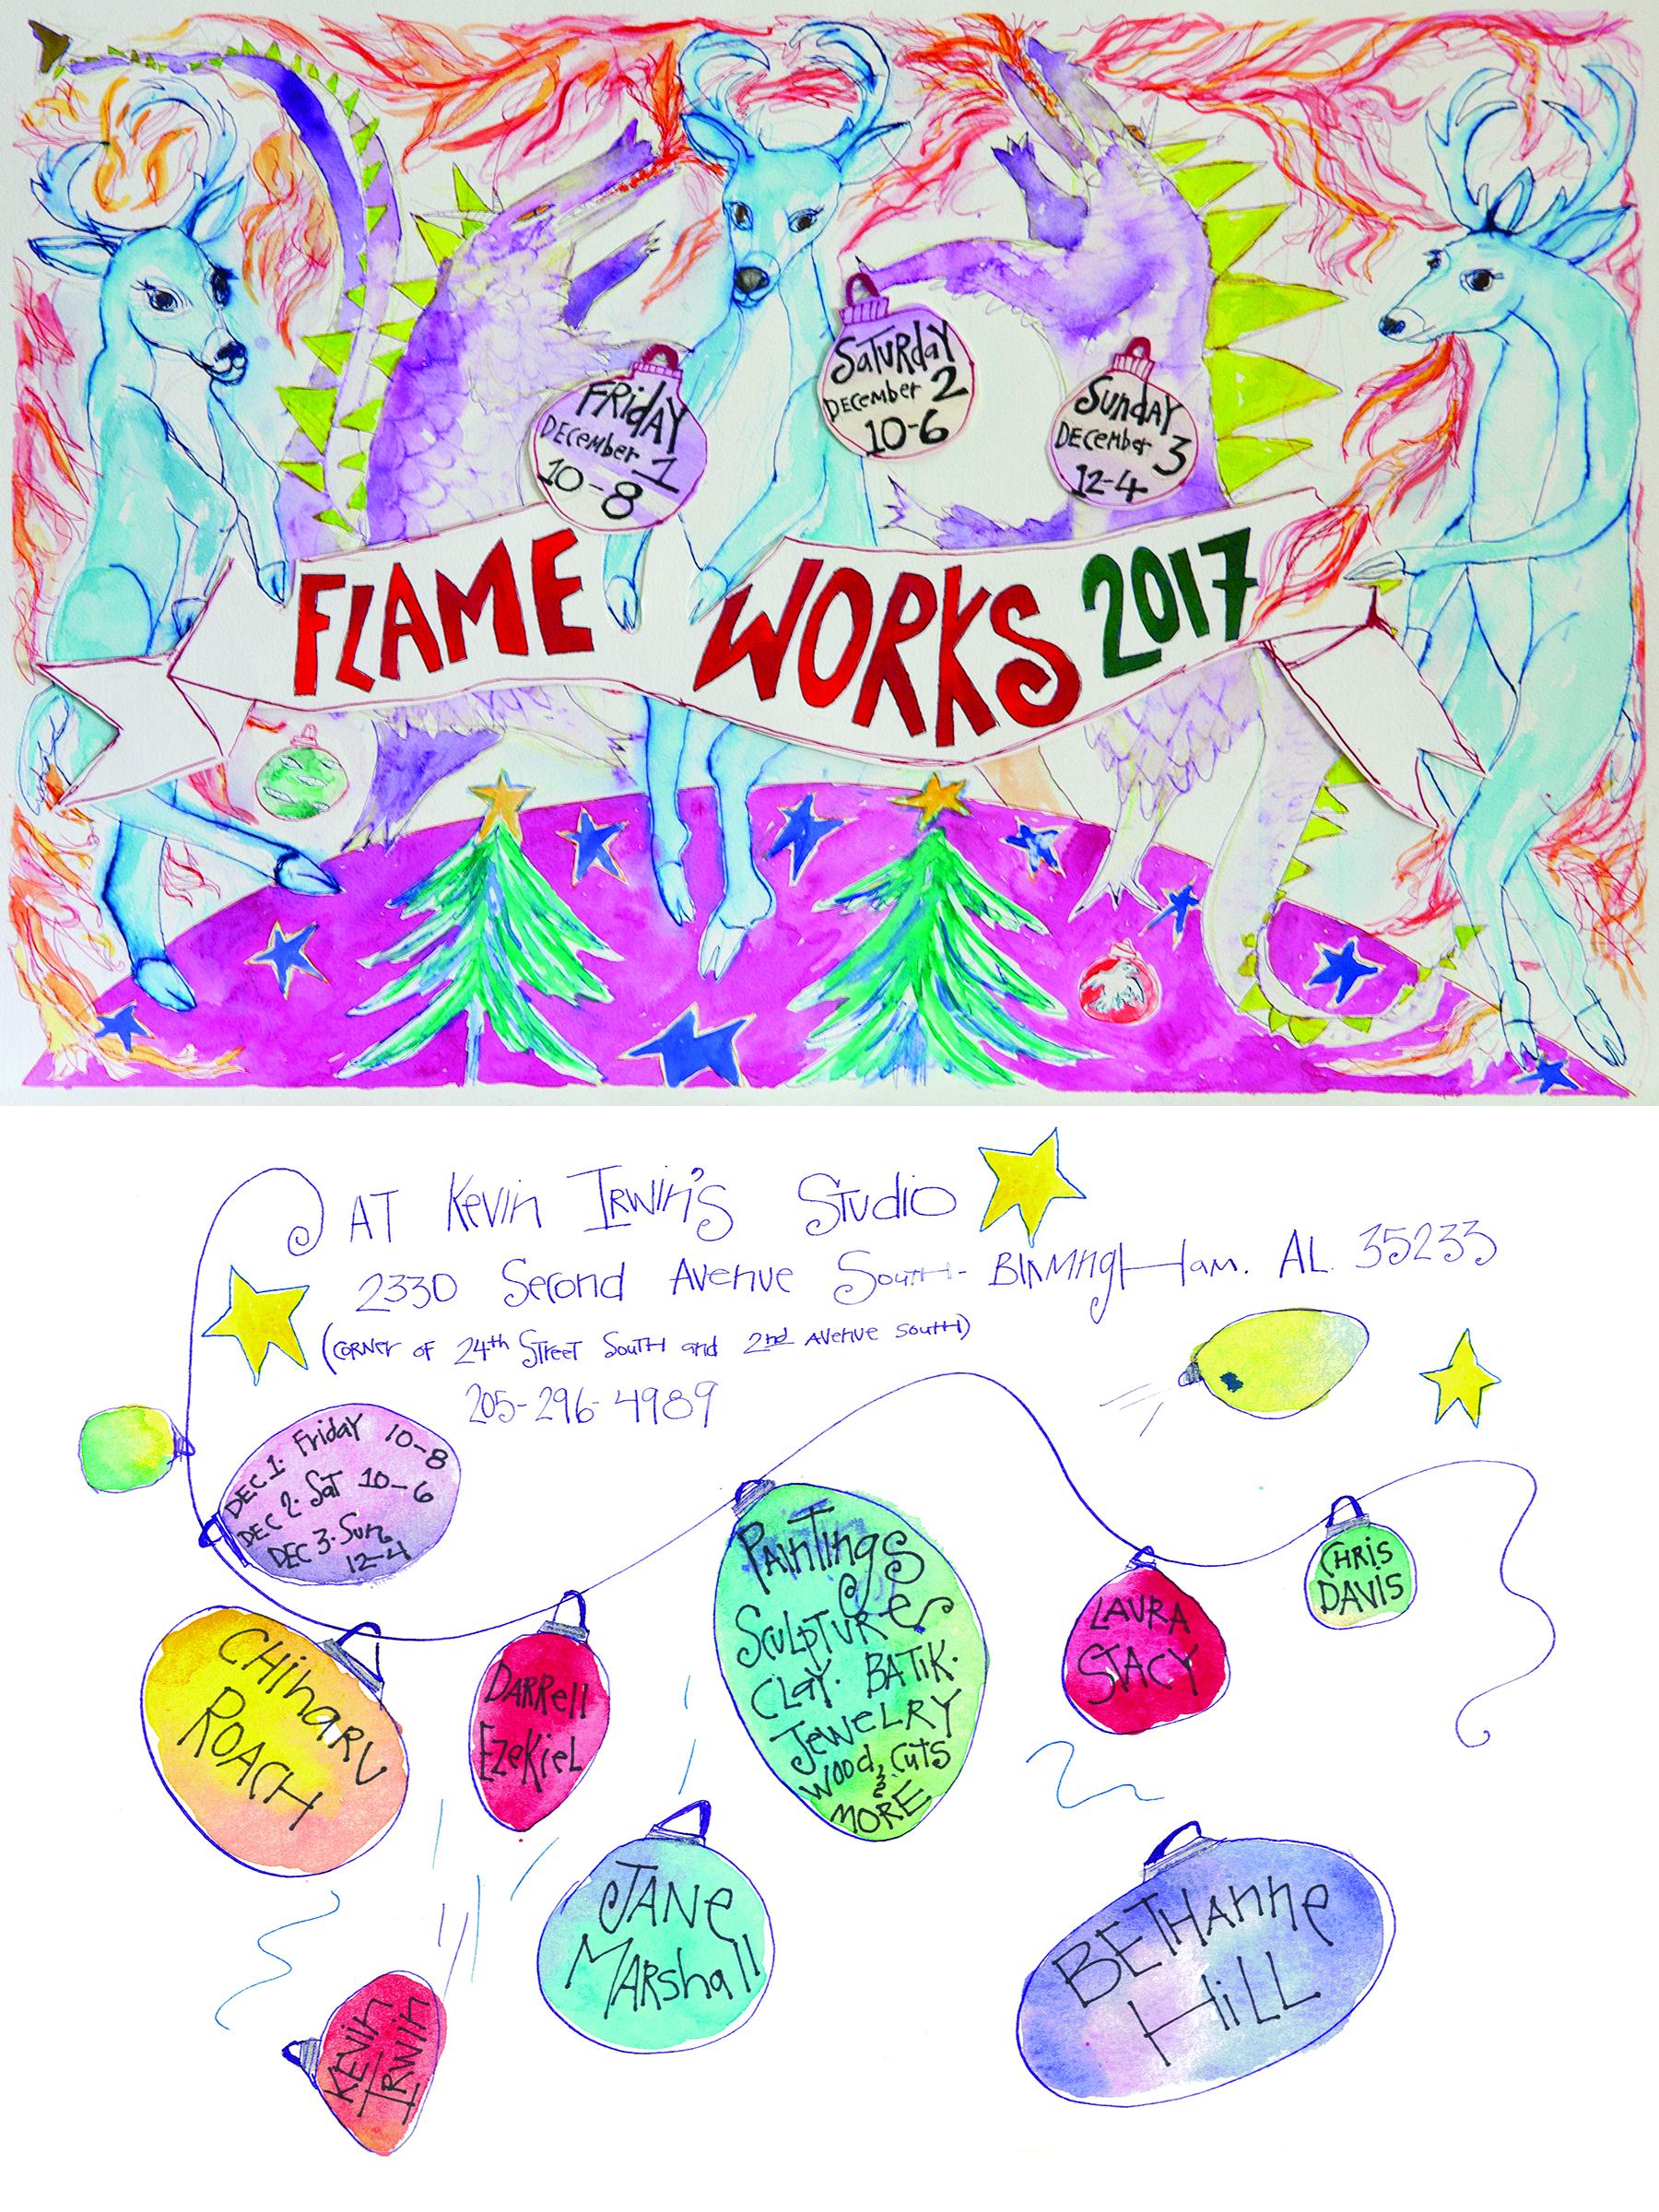 Flameworks 2017 Email.jpg